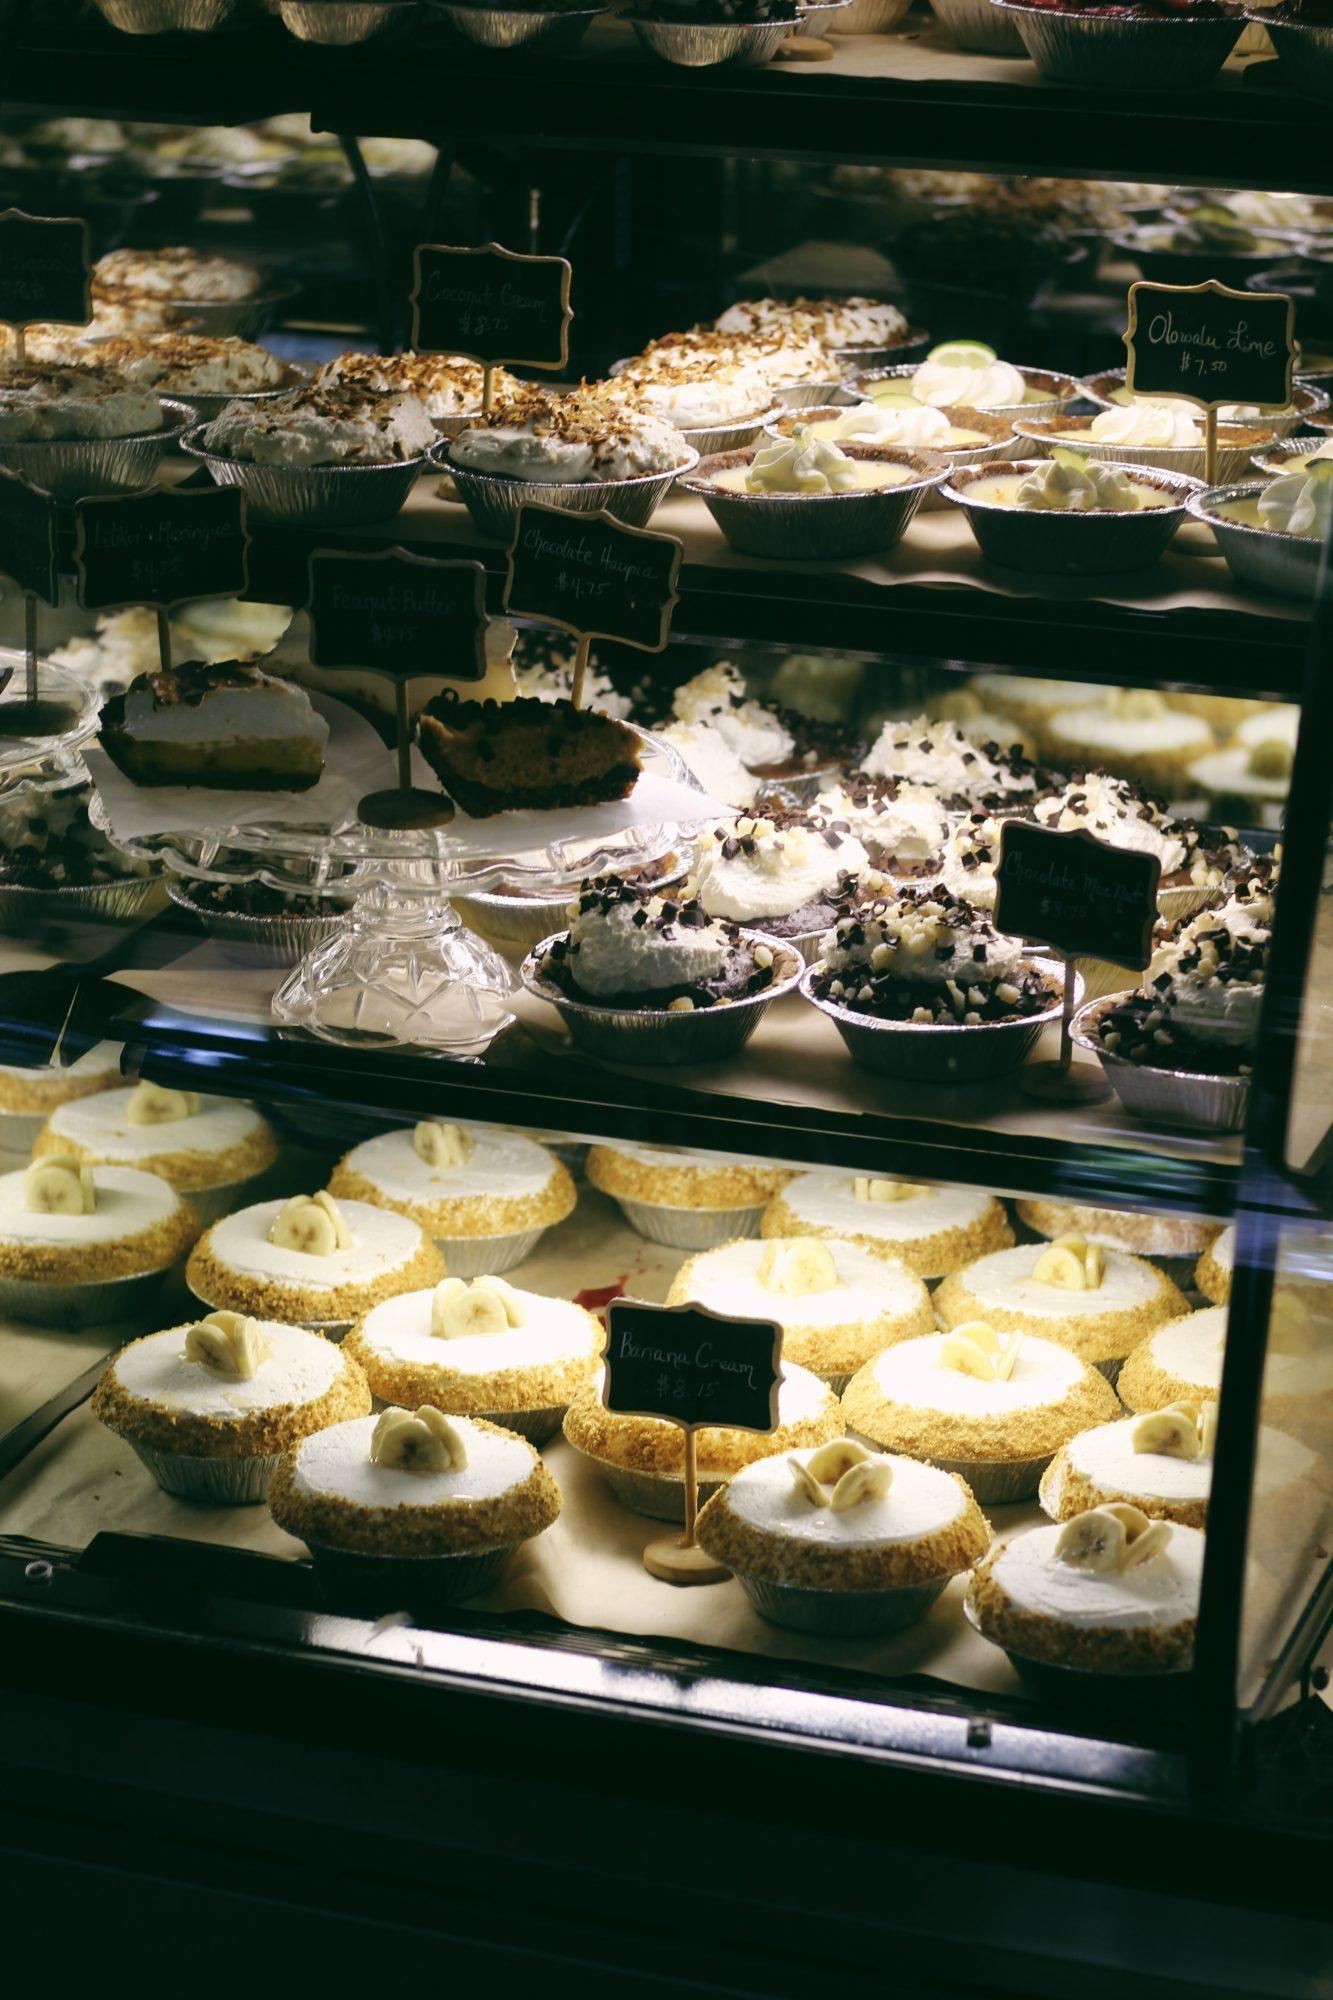 Best Restaurants in Maui: Leoda's Kitchen and Pie House